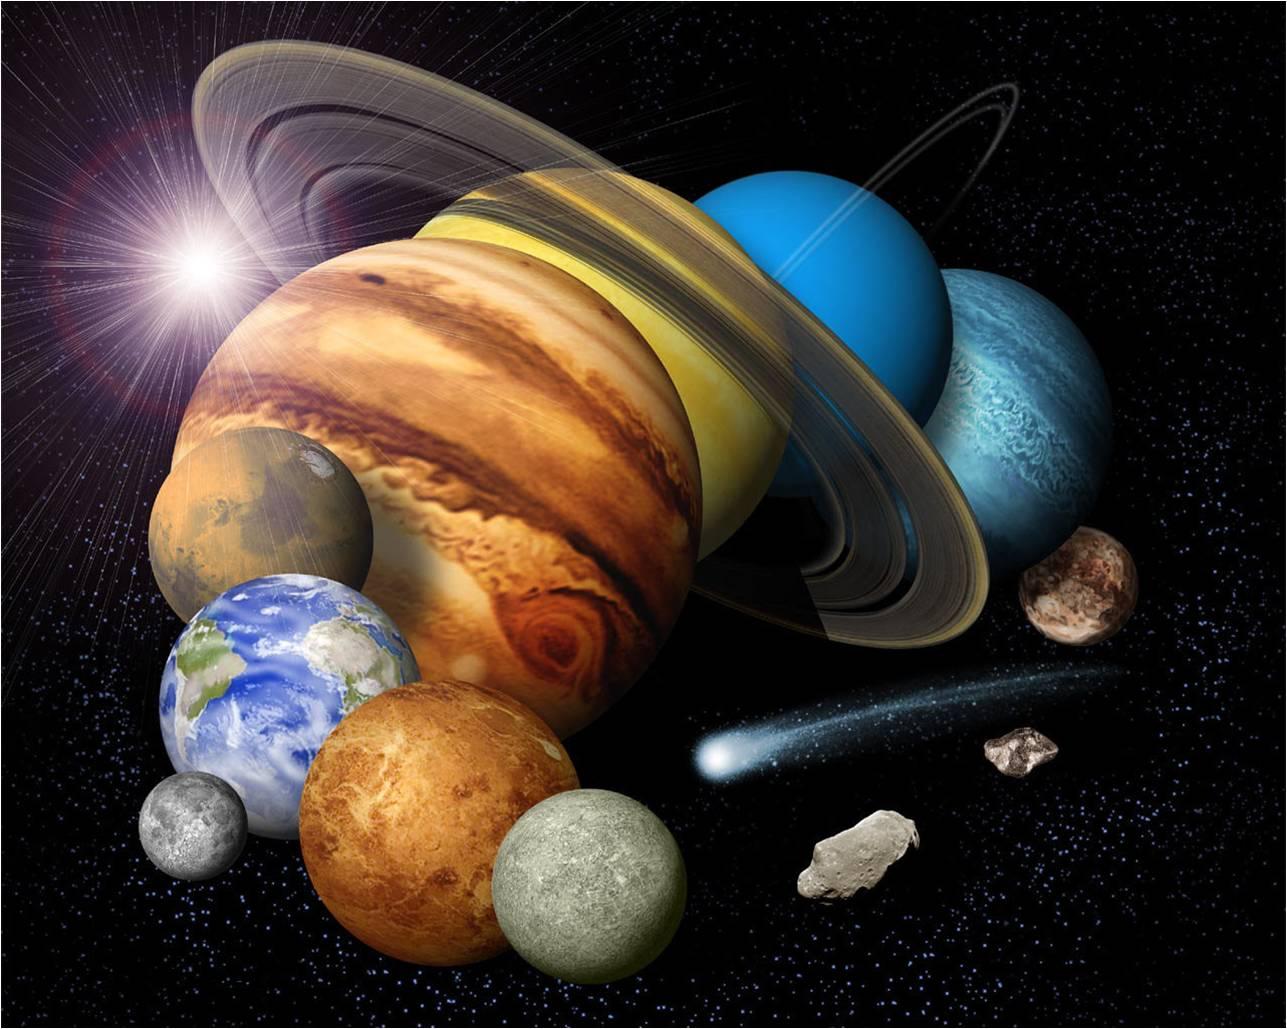 Нарны аймгийн тухай сонирхолтой баримтууд